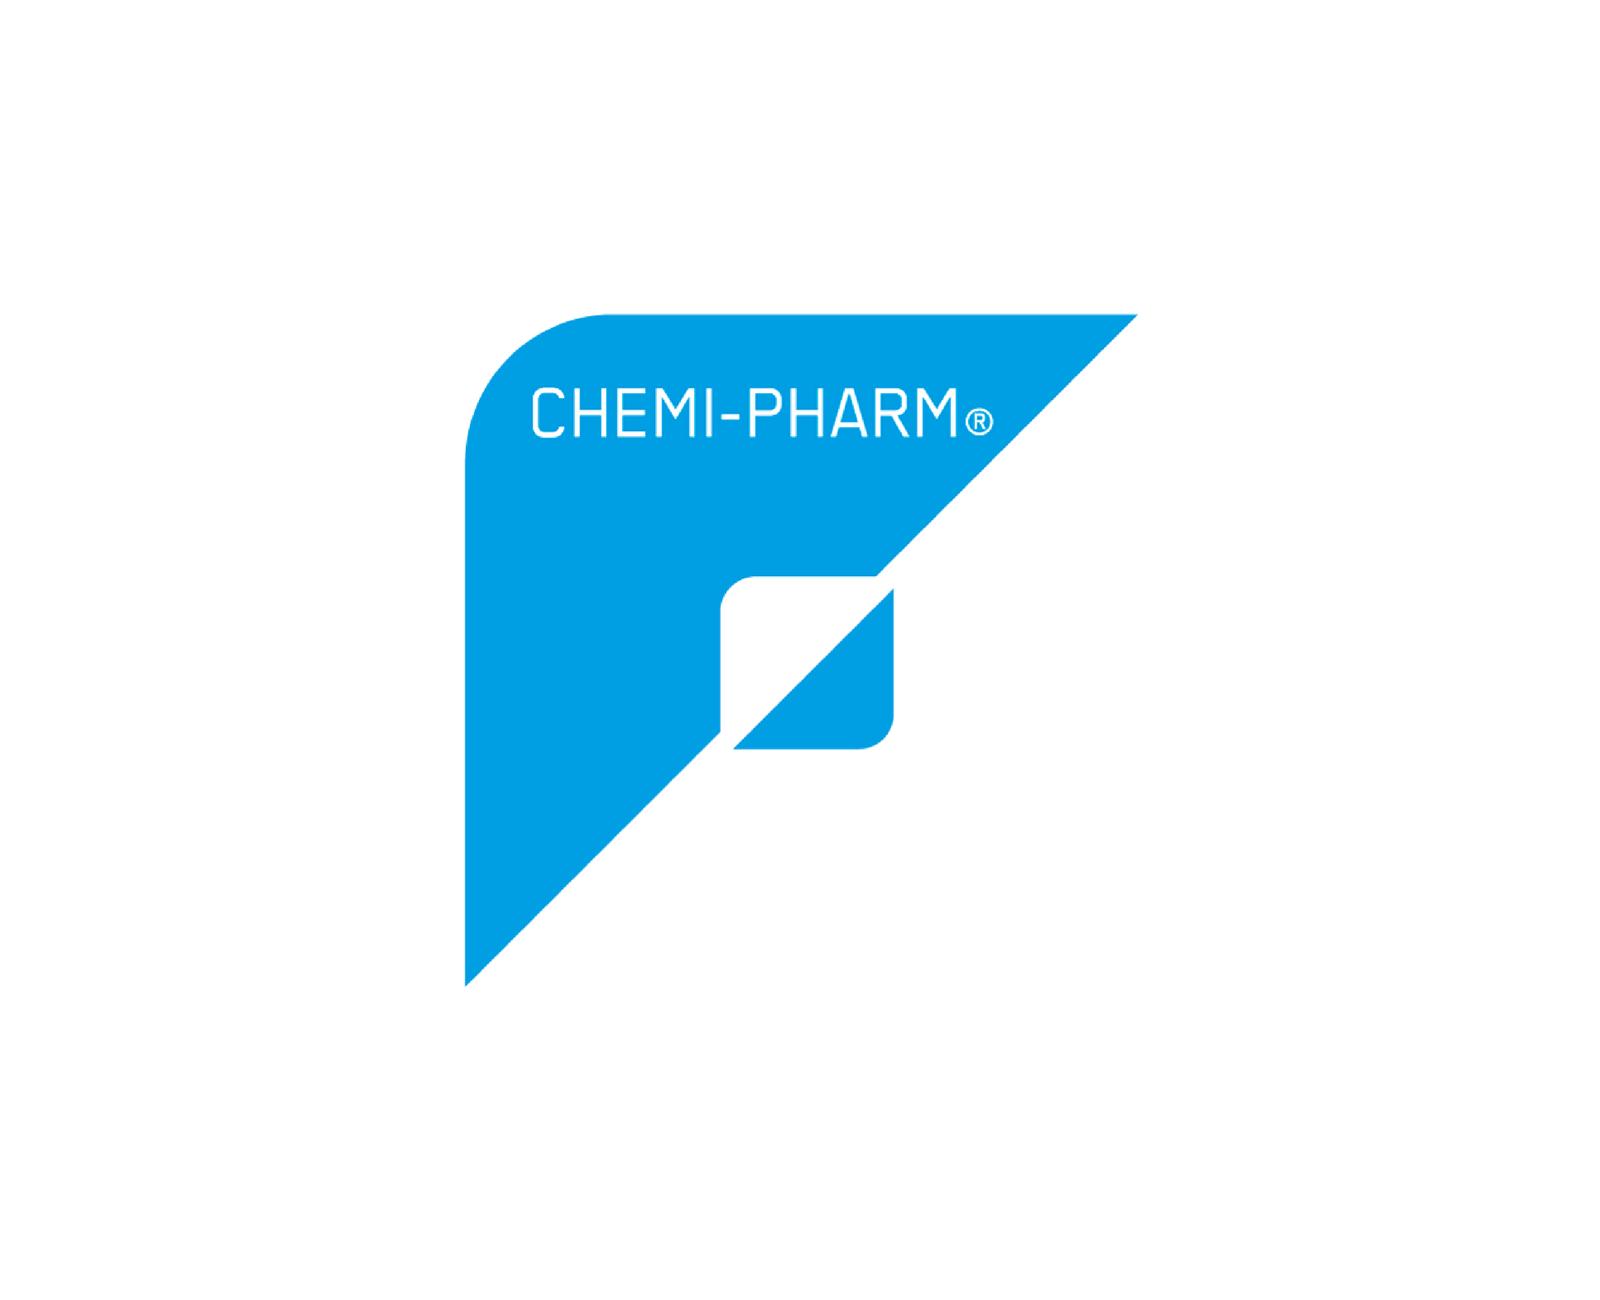 Chemi-Pharmi